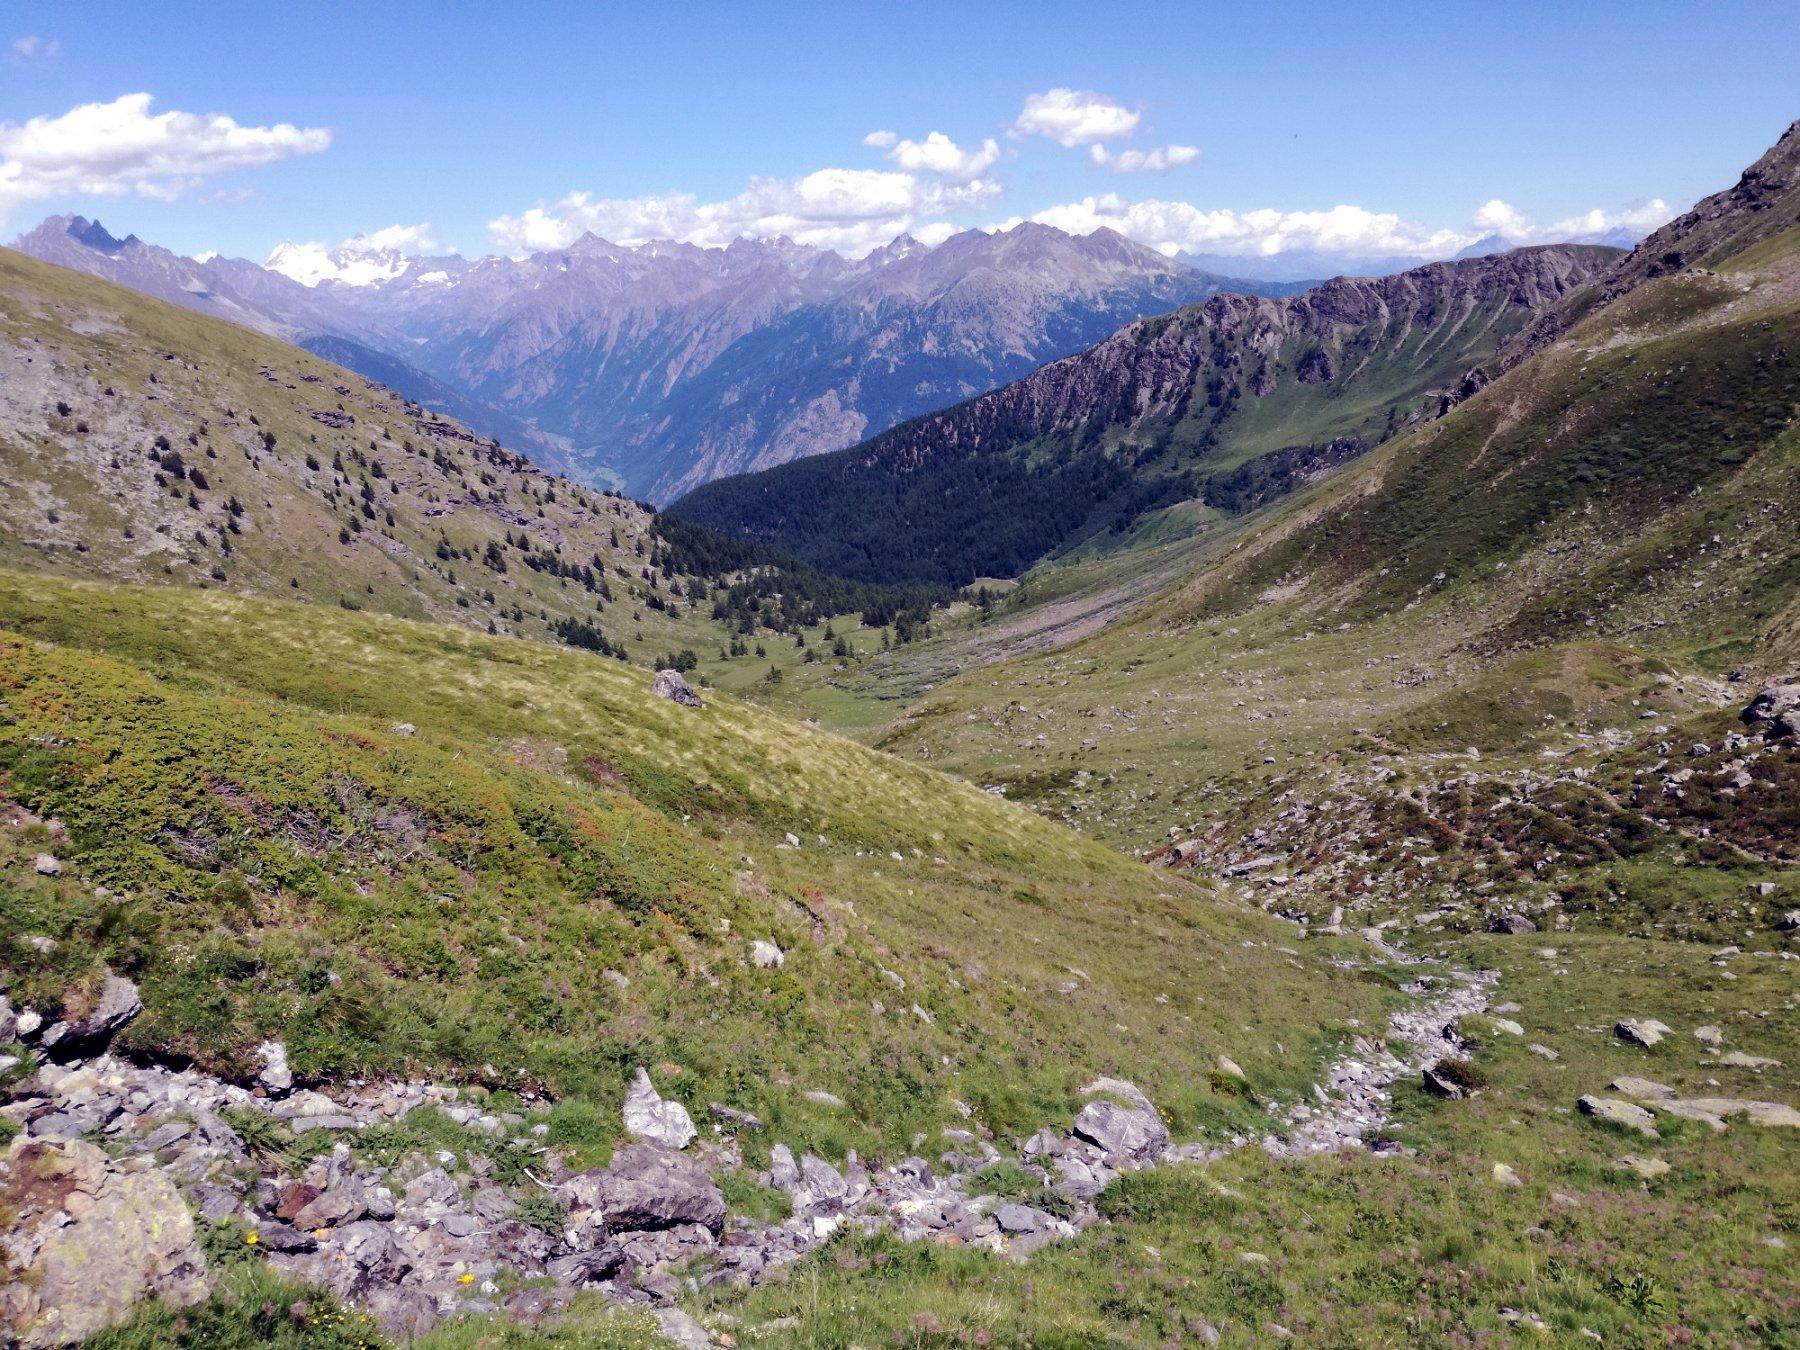 La parte alta della Comba d'Ars, prima di trovare le tracce di poderale che si addentrano nel bosco e perdere i sentieri